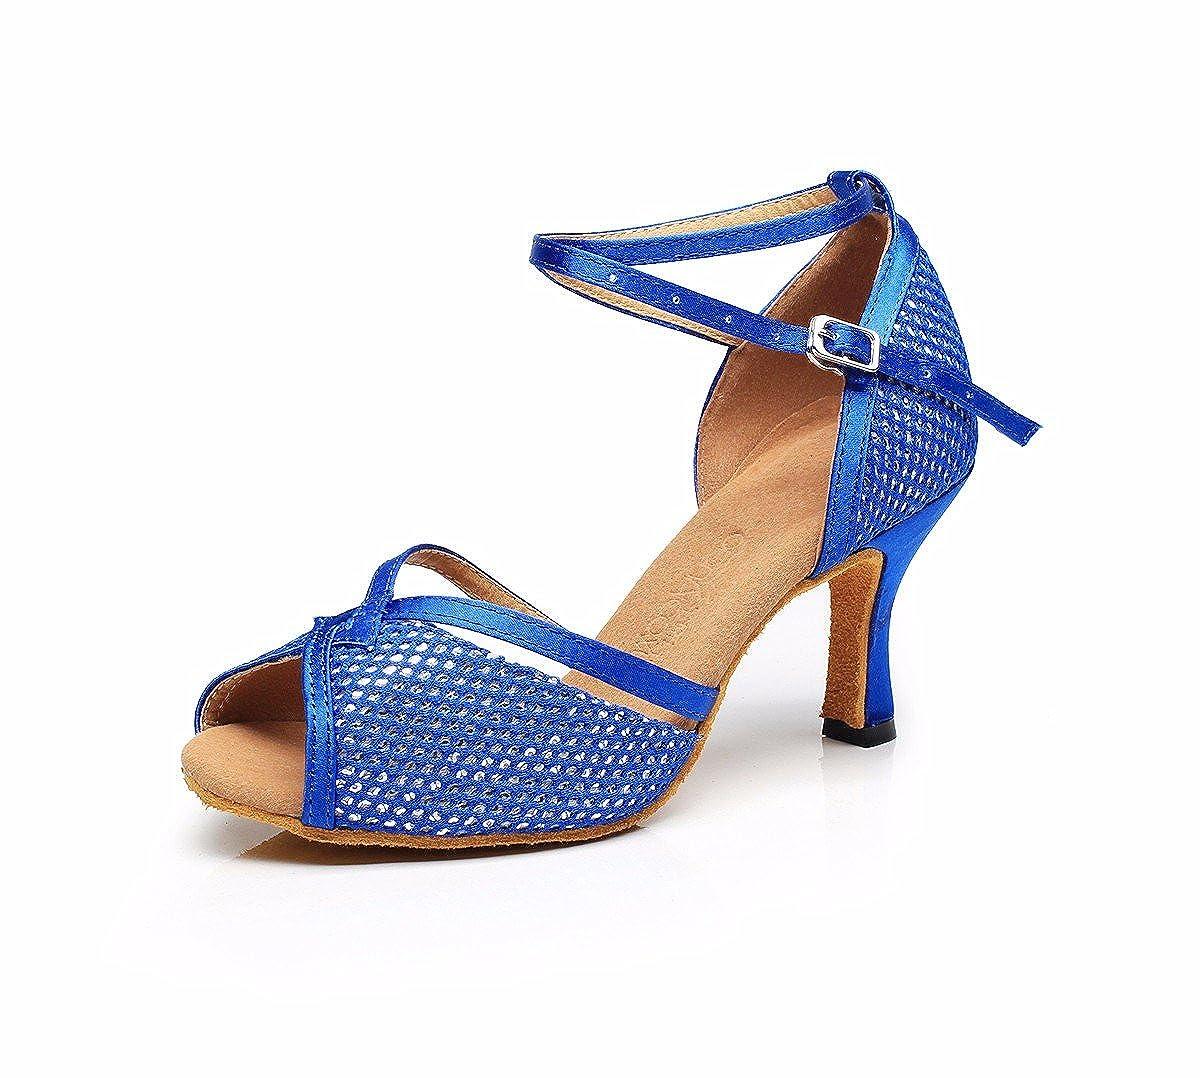 bleu 42 EU JINGXINSTORELes Chaussures de Danse Salsa Latine Sandales Satin intérieur Professionnel